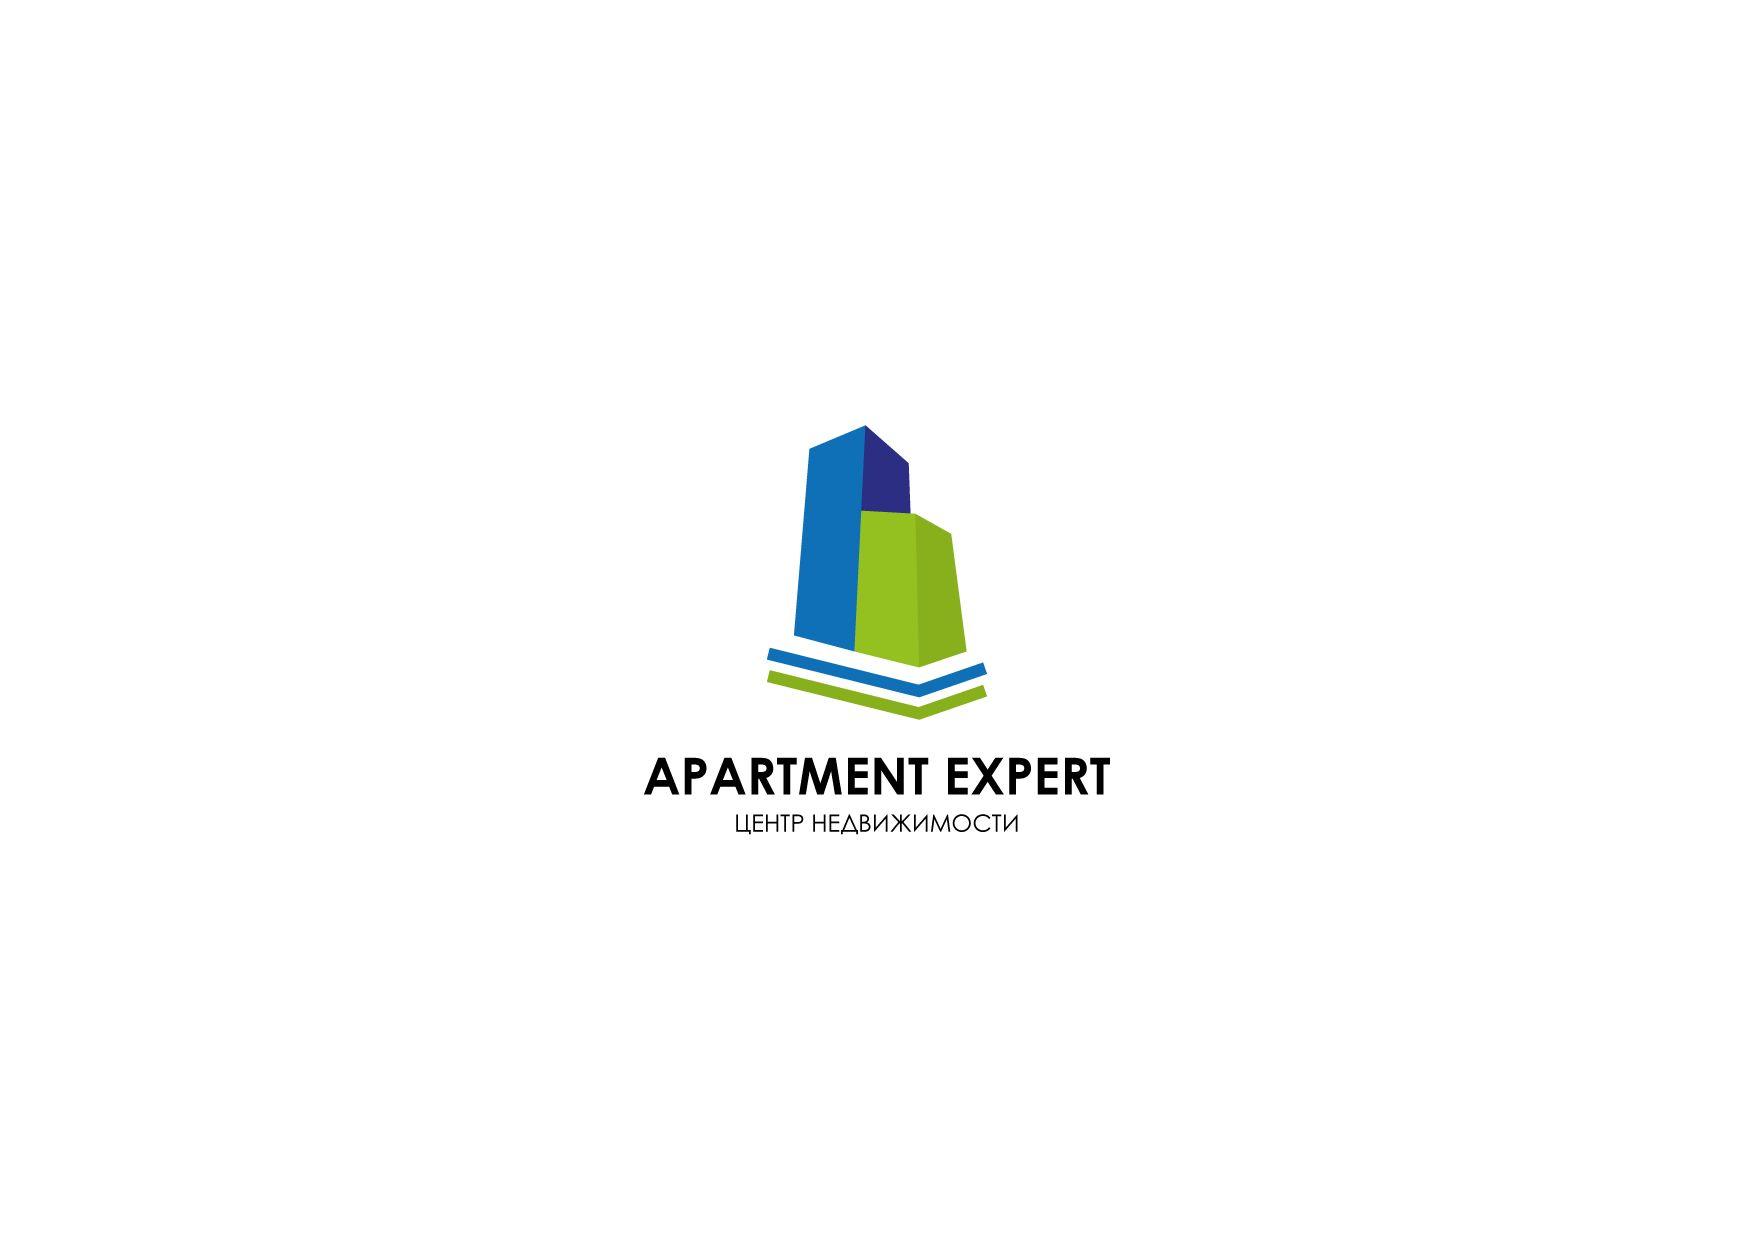 Логотип для APARTMENT EXPERT - ЦЕНТР НЕДВИЖИМОСТИ - дизайнер kirilln84